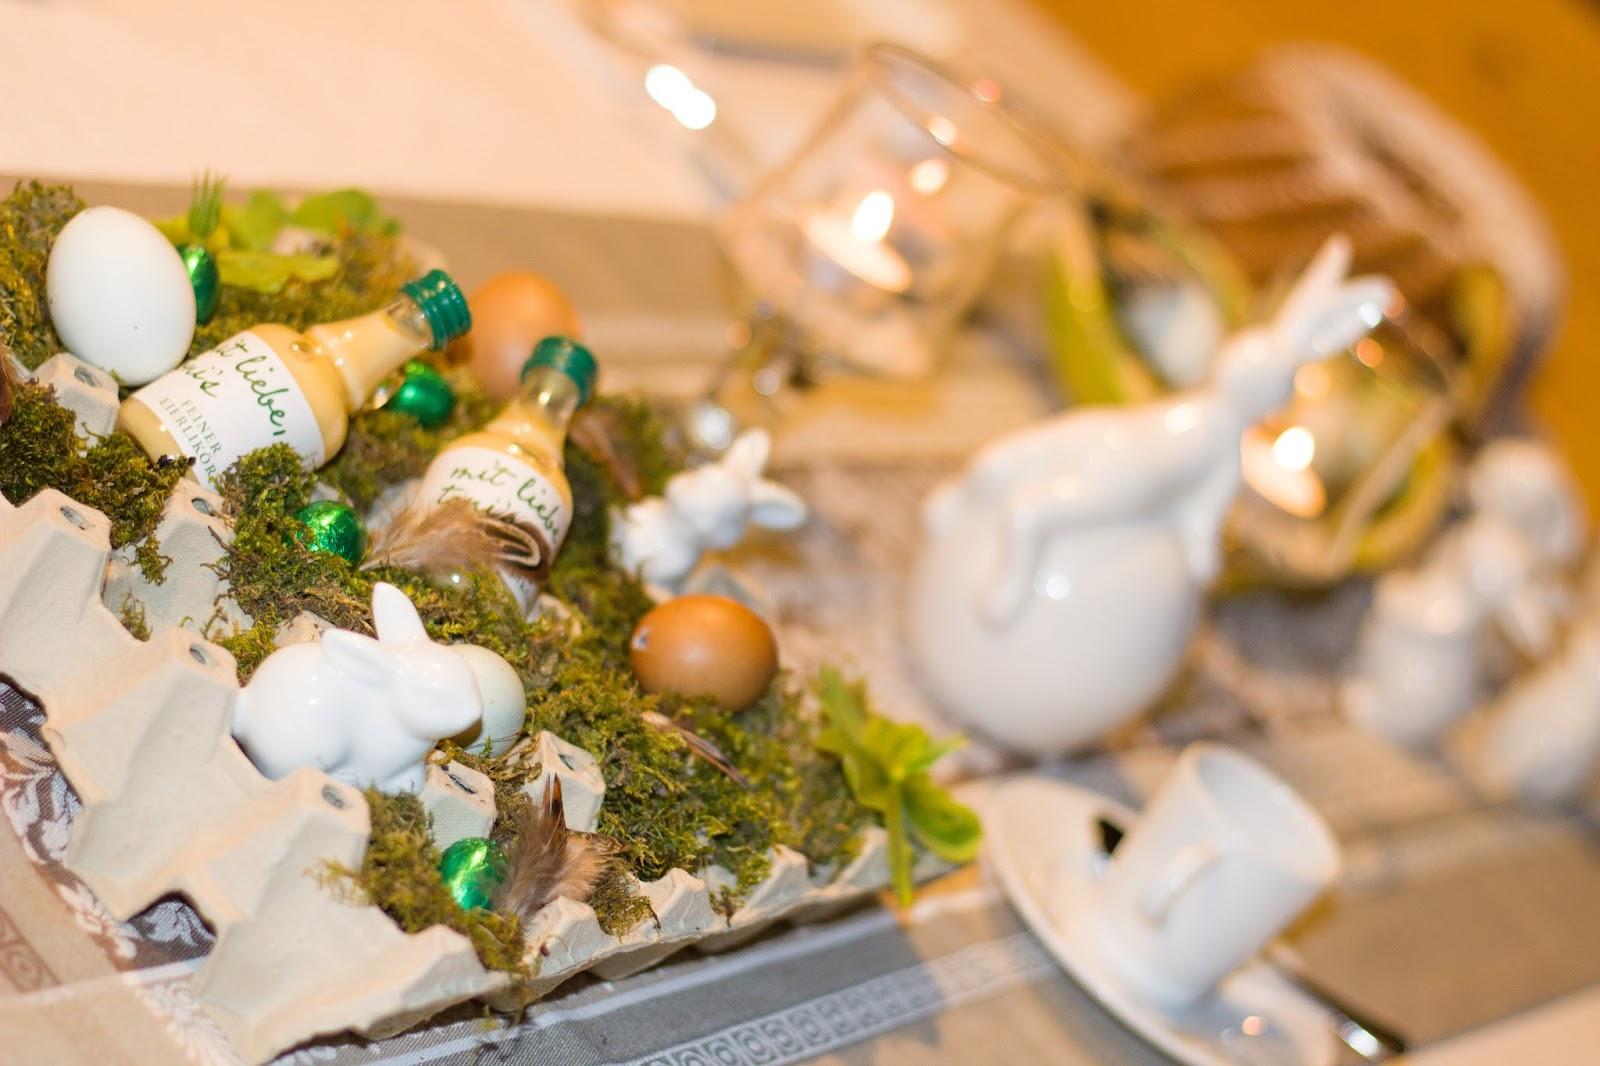 dekoration aus eihaut, einladung zum essen: ei ei ei - ein bericht über einen tollen, Design ideen